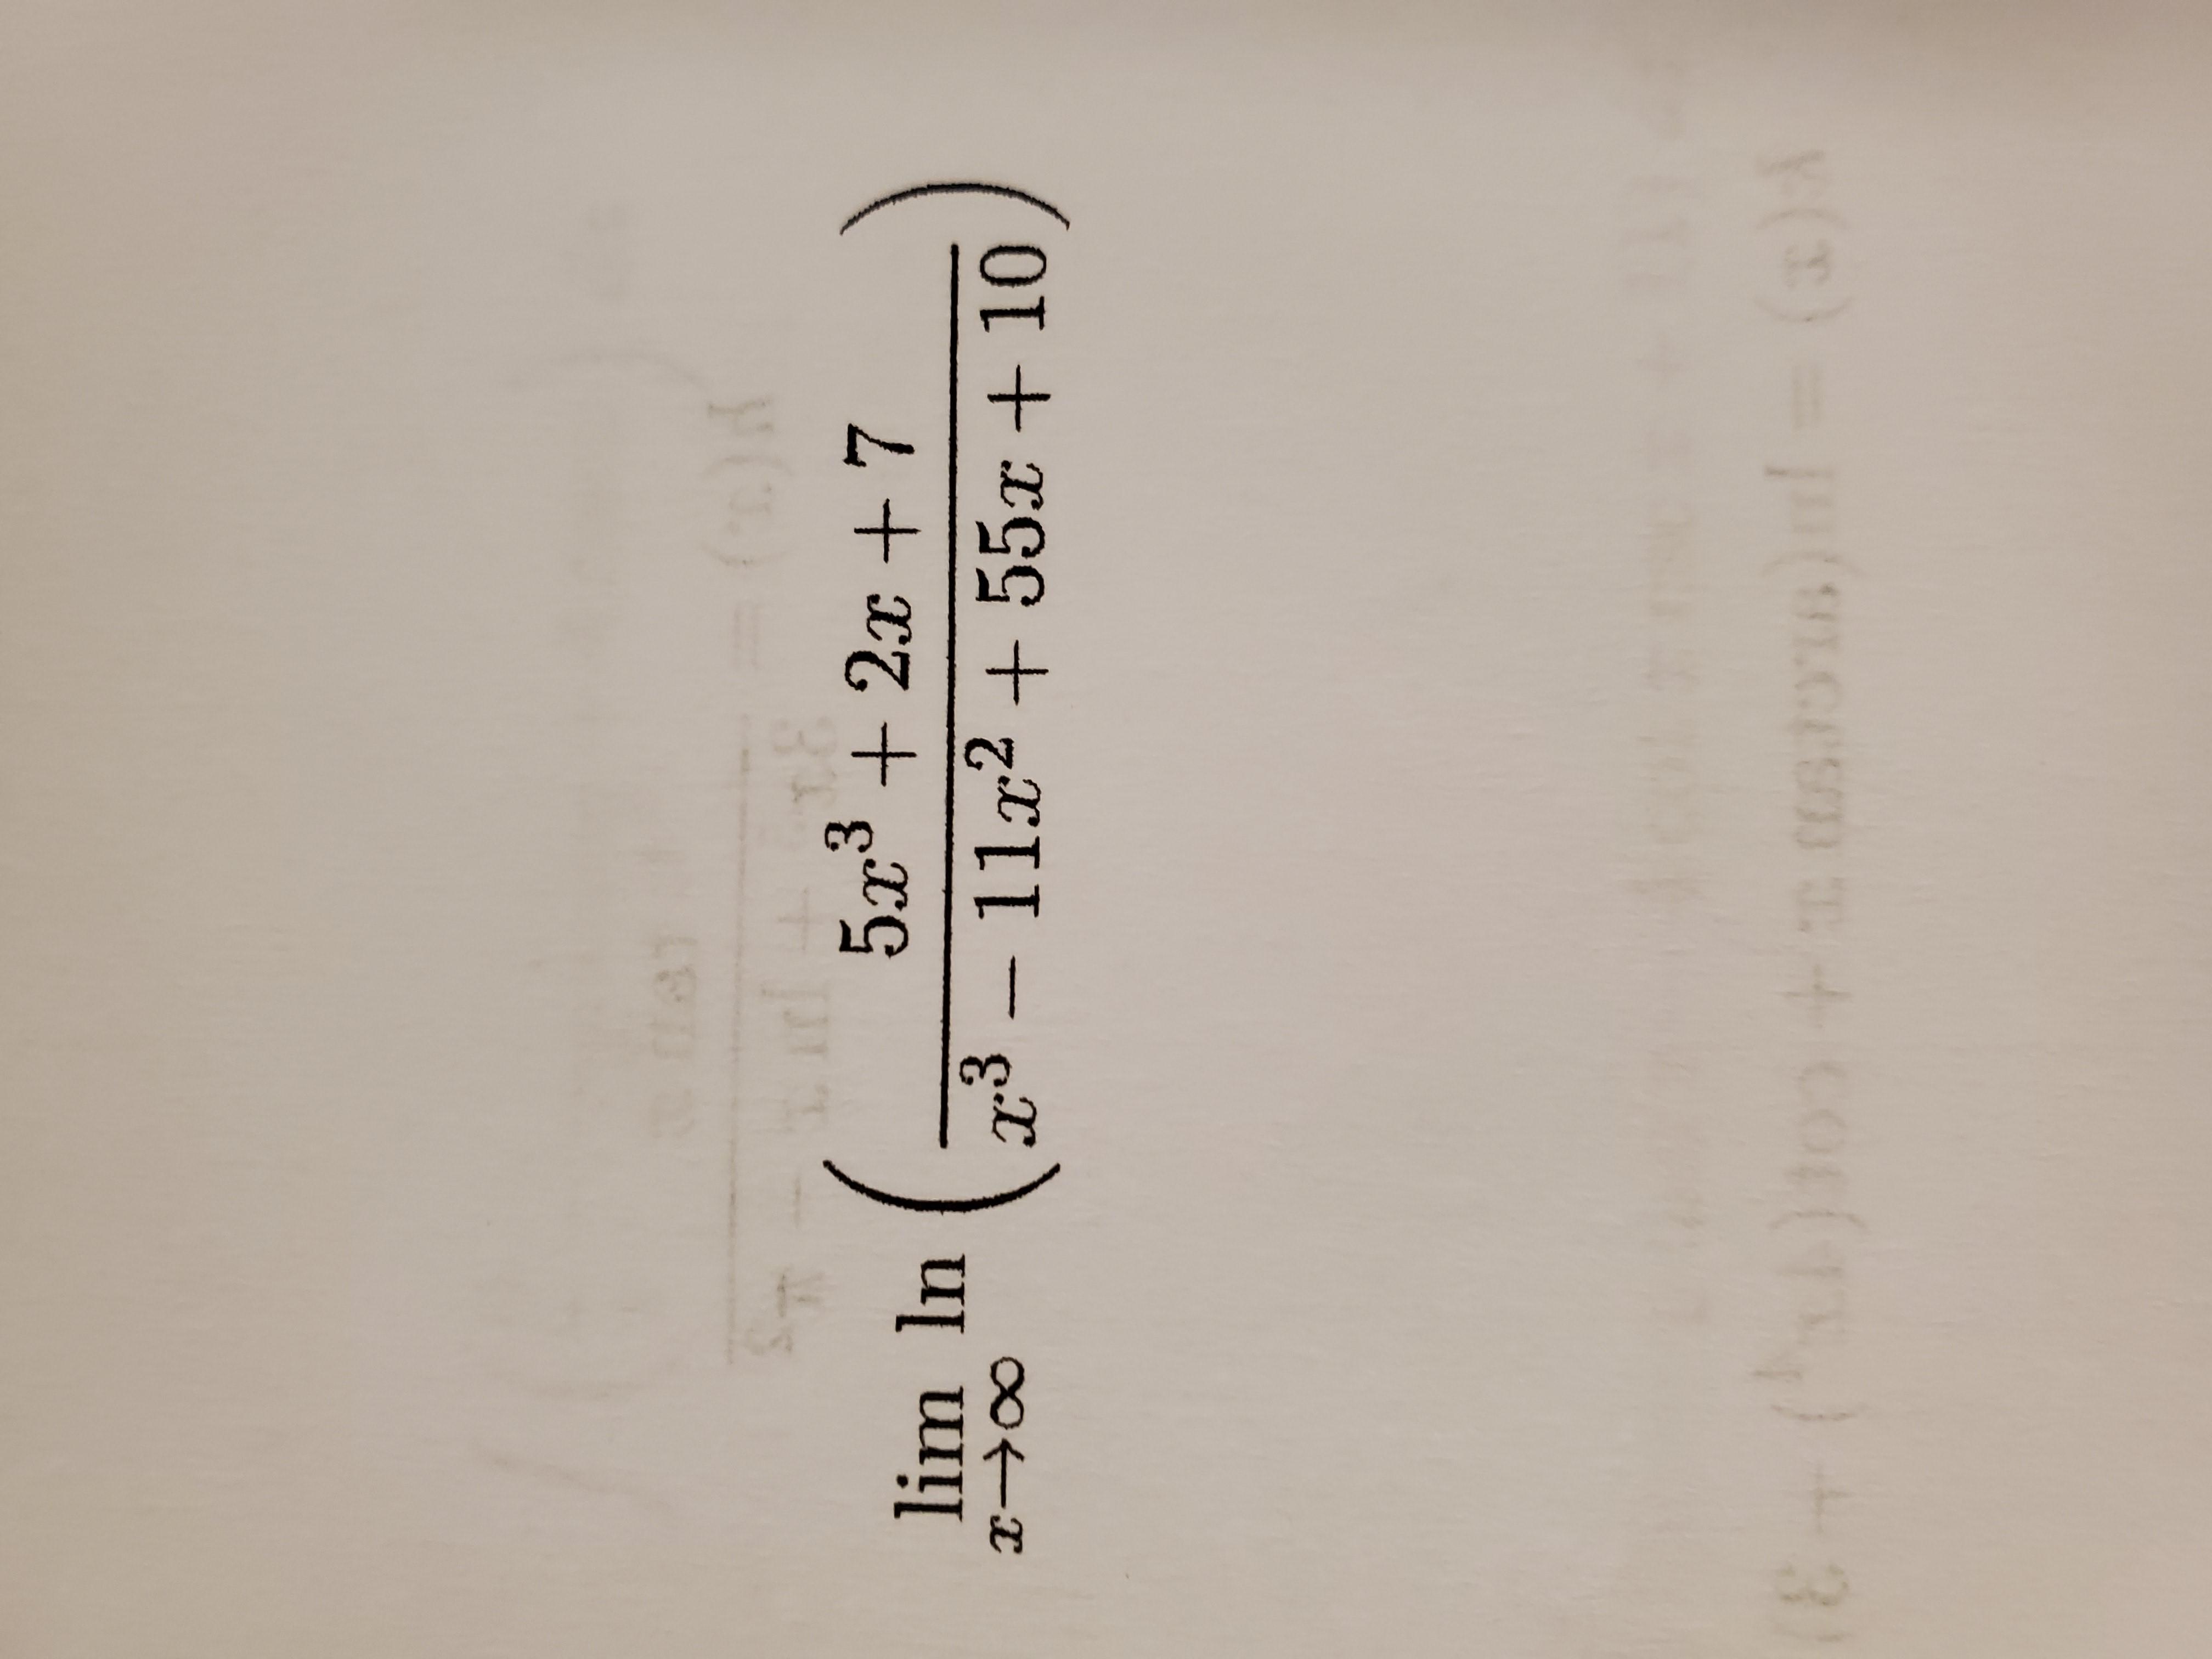 81 5x³ + 2x + 7 lim In x³ -11x2 + 55x + 10 (3)A (8+()+ s)l